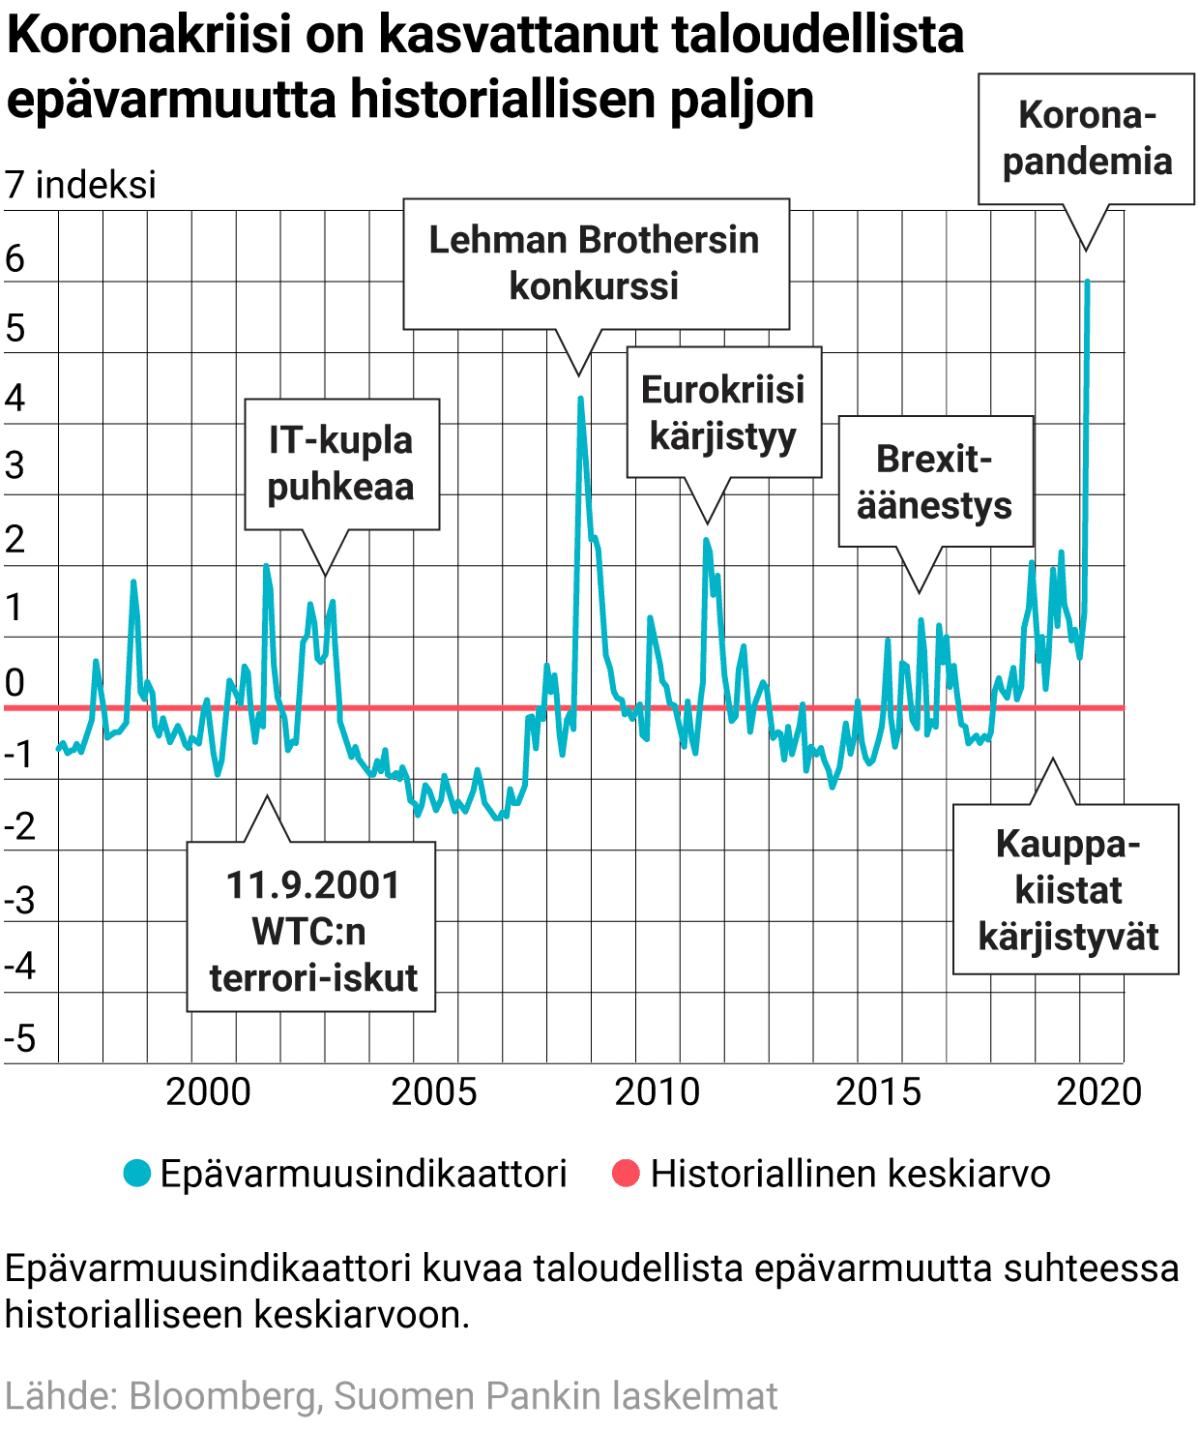 Koronakriisi on kasvattanut taloudellista epävarmuutta historiallisen paljon